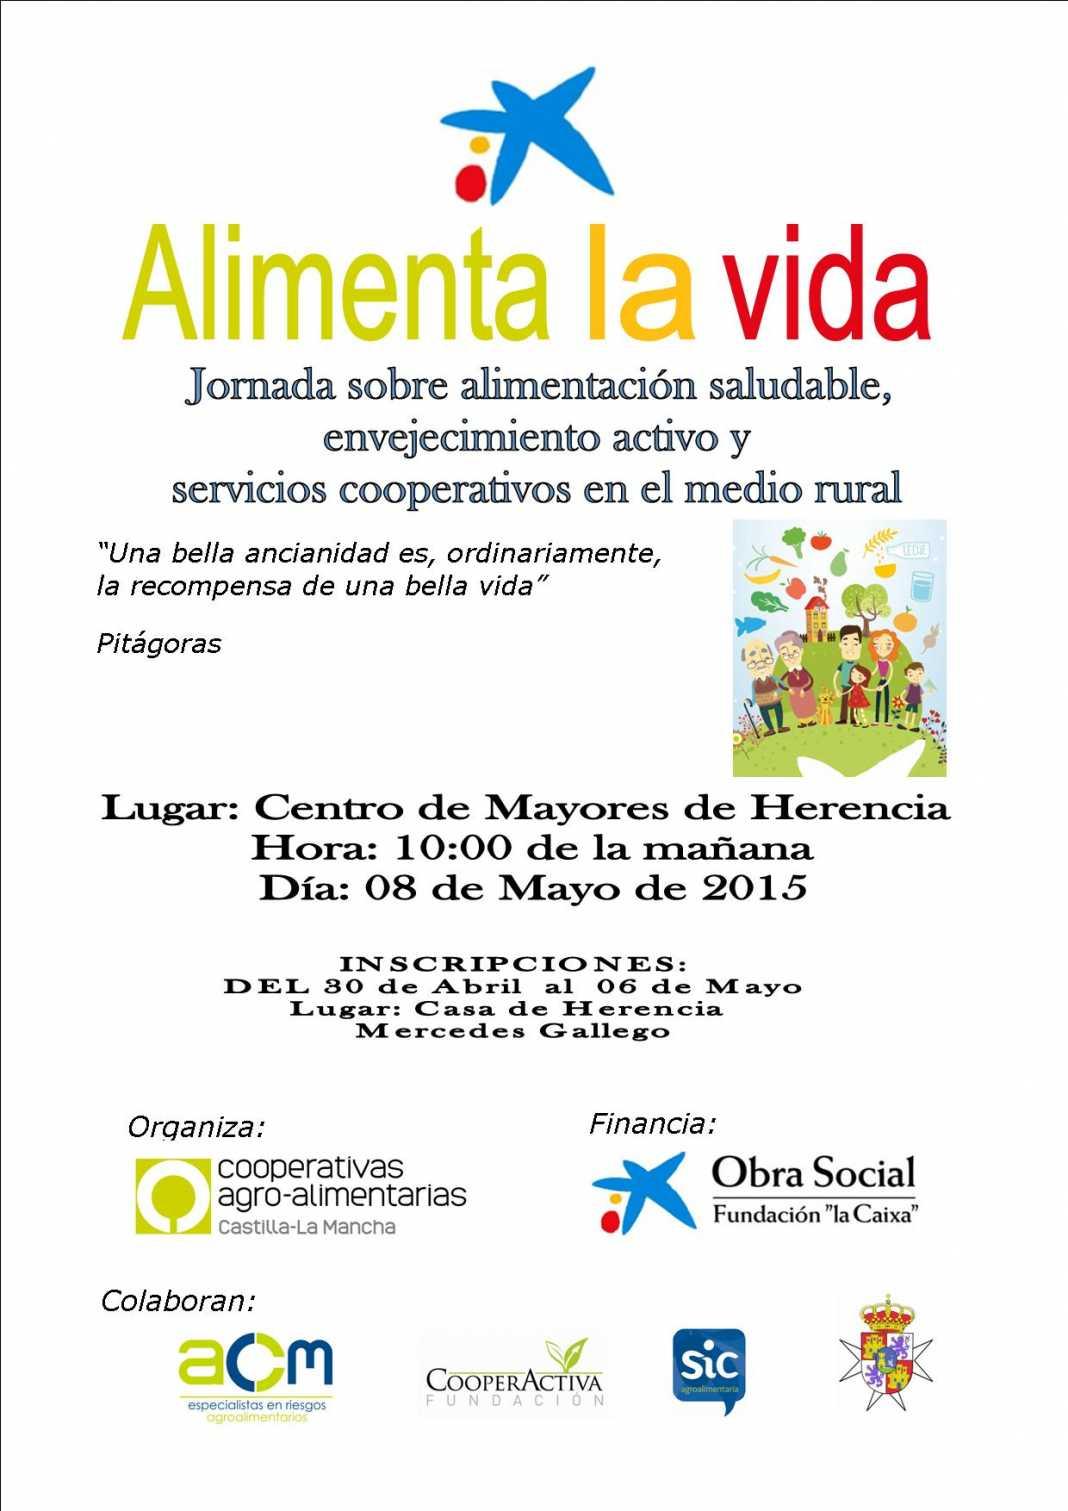 cartel alimenta la vida5 1068x1511 - Cooperativas Agroalimentarias organiza una jornada sobre alimentación saludable y envejecimiento activo